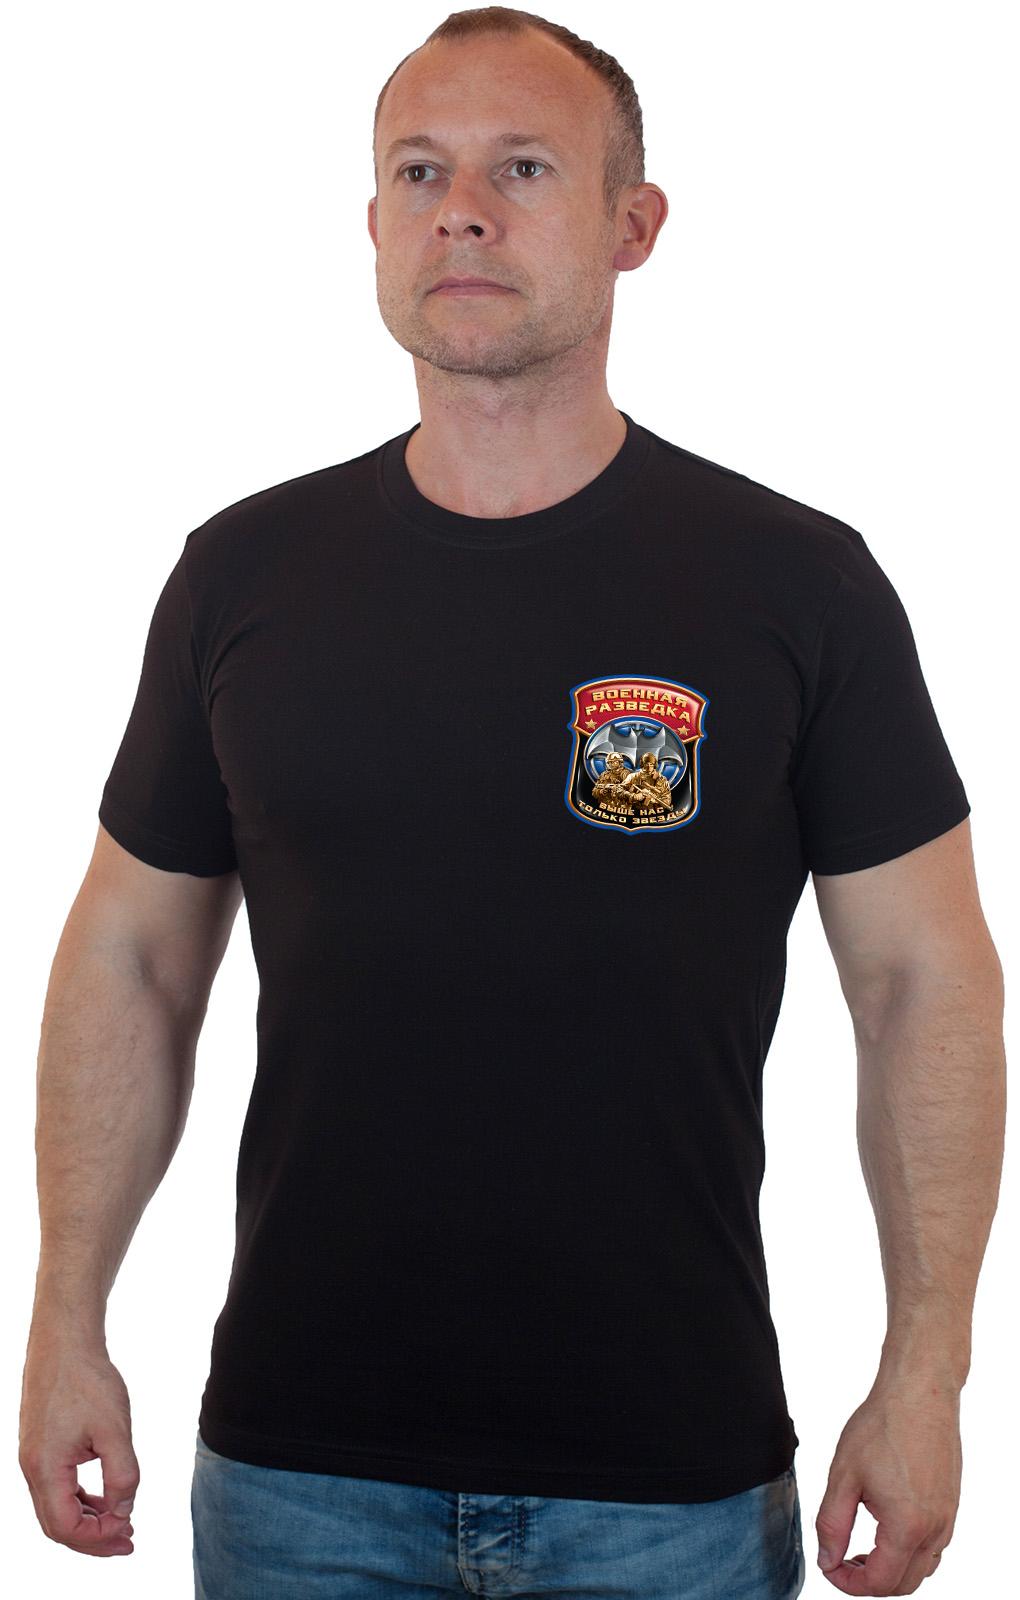 Заказать уникальную военную футболку по выгодной цене